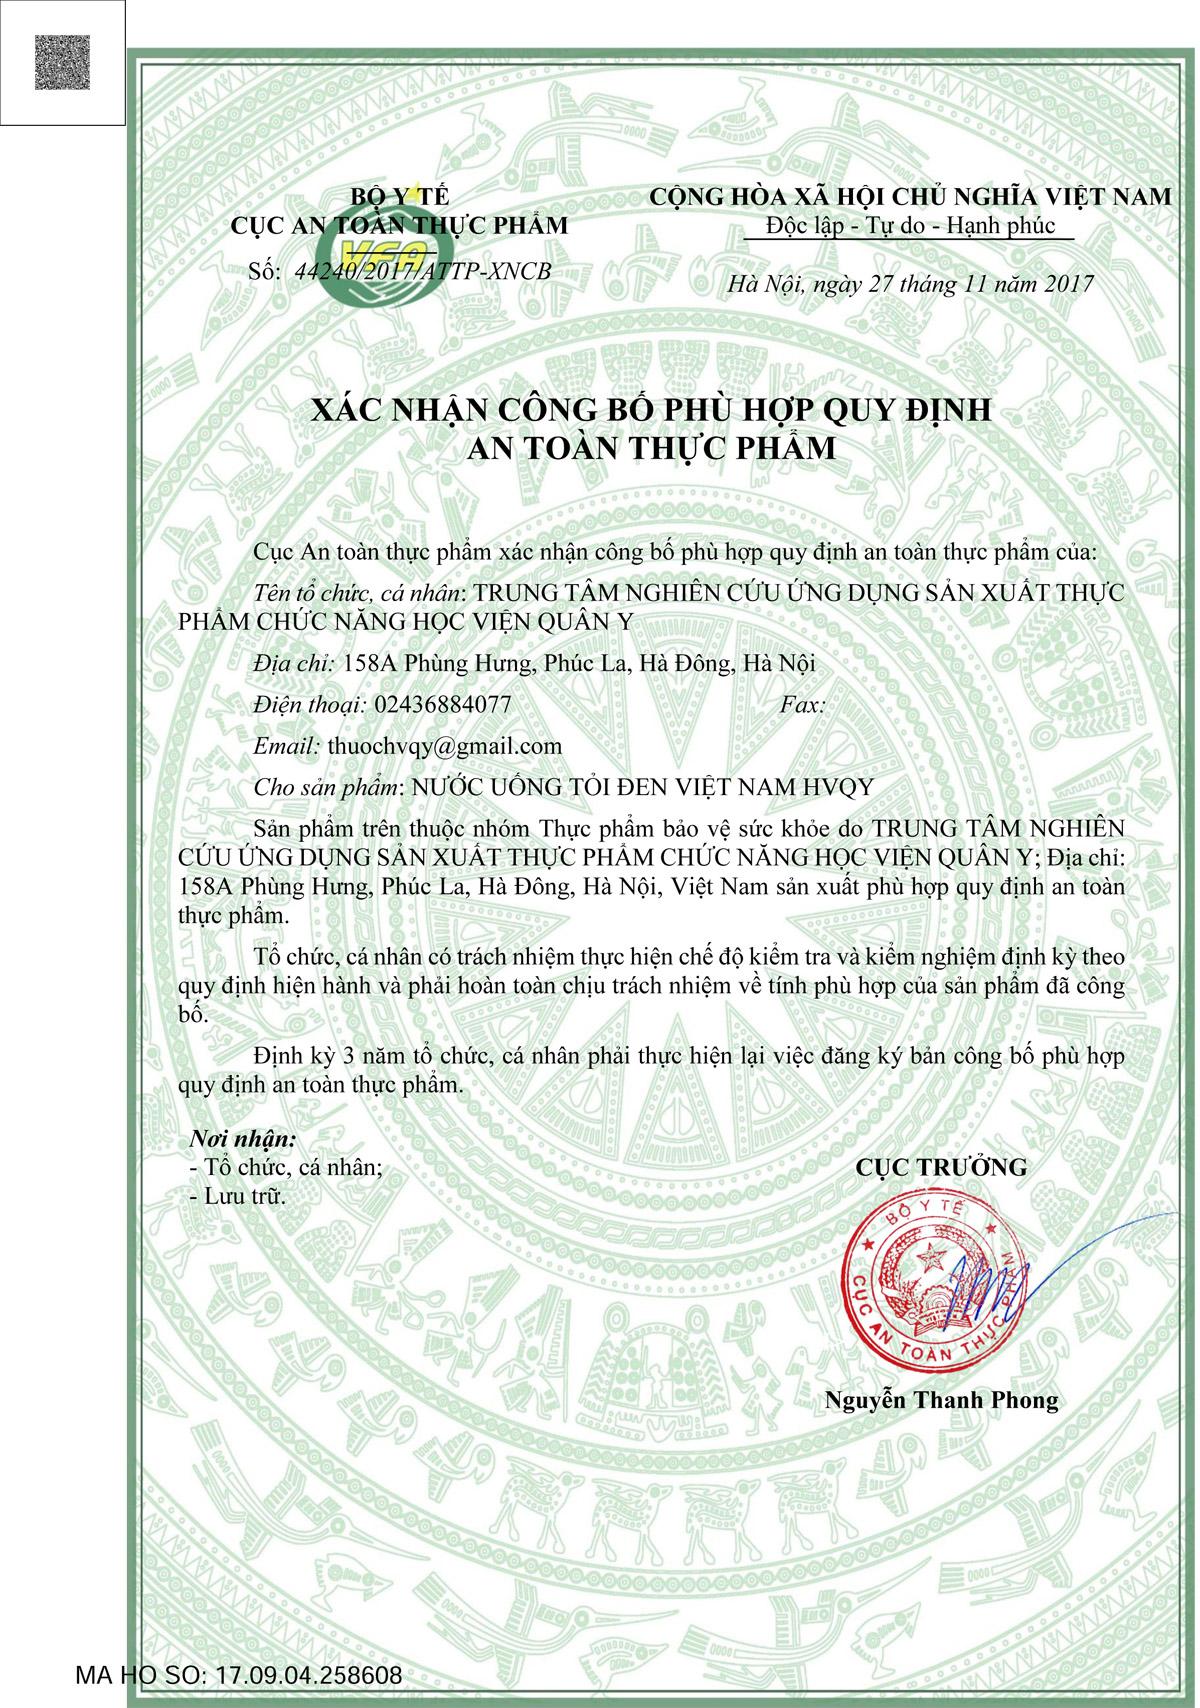 giấy công bố sản phẩm của Bộ Y Tế an toàn